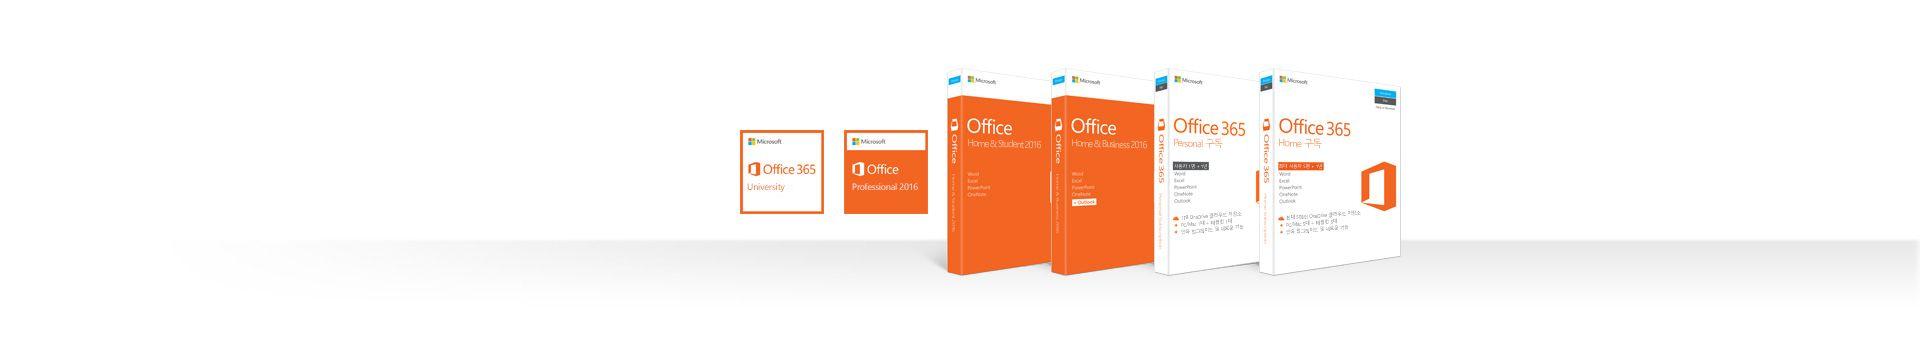 PC용 Office 2016 및 Office 365 제품 상자가 늘어선 이미지